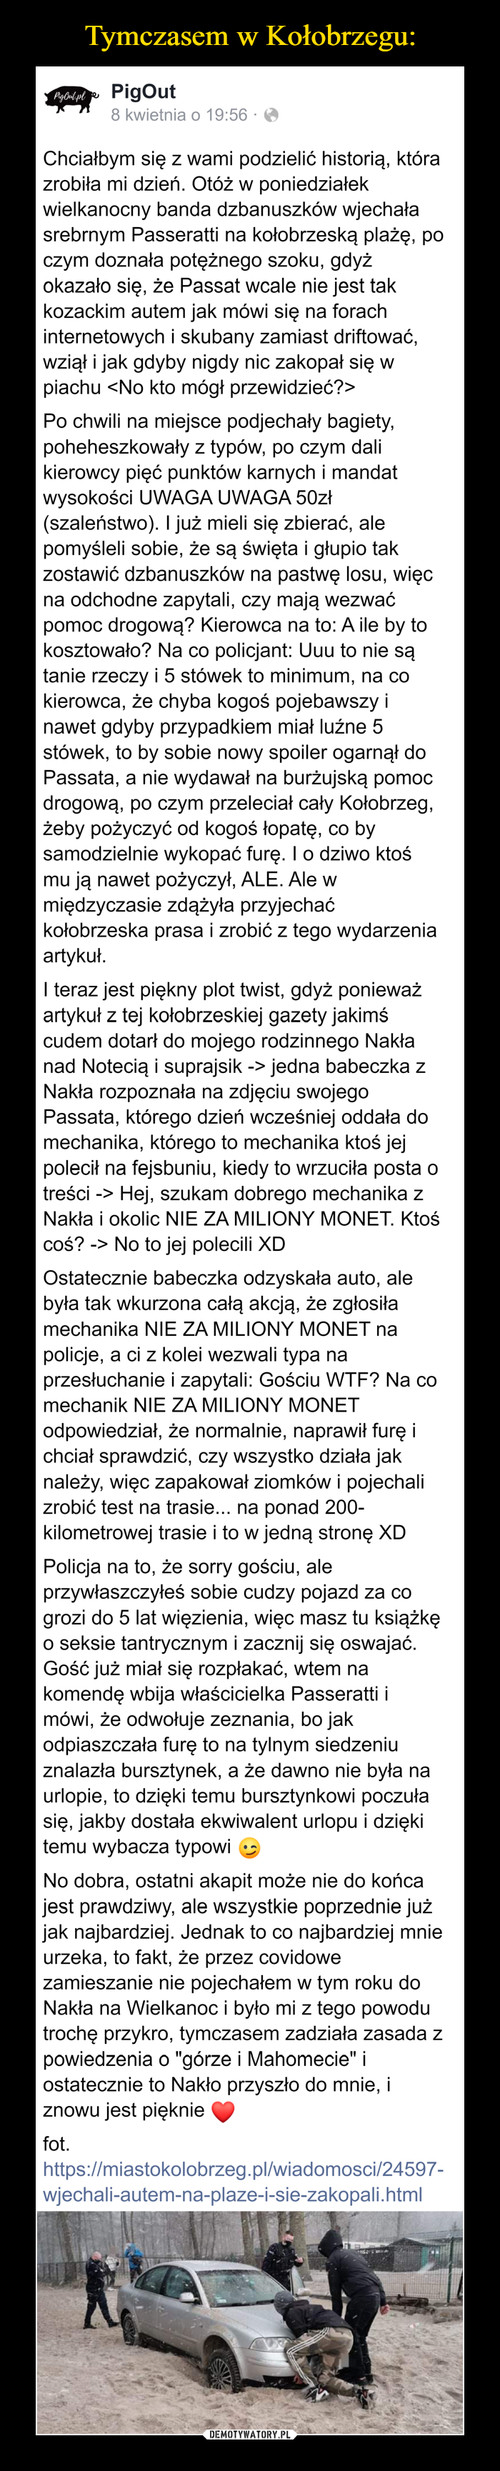 Tymczasem w Kołobrzegu: